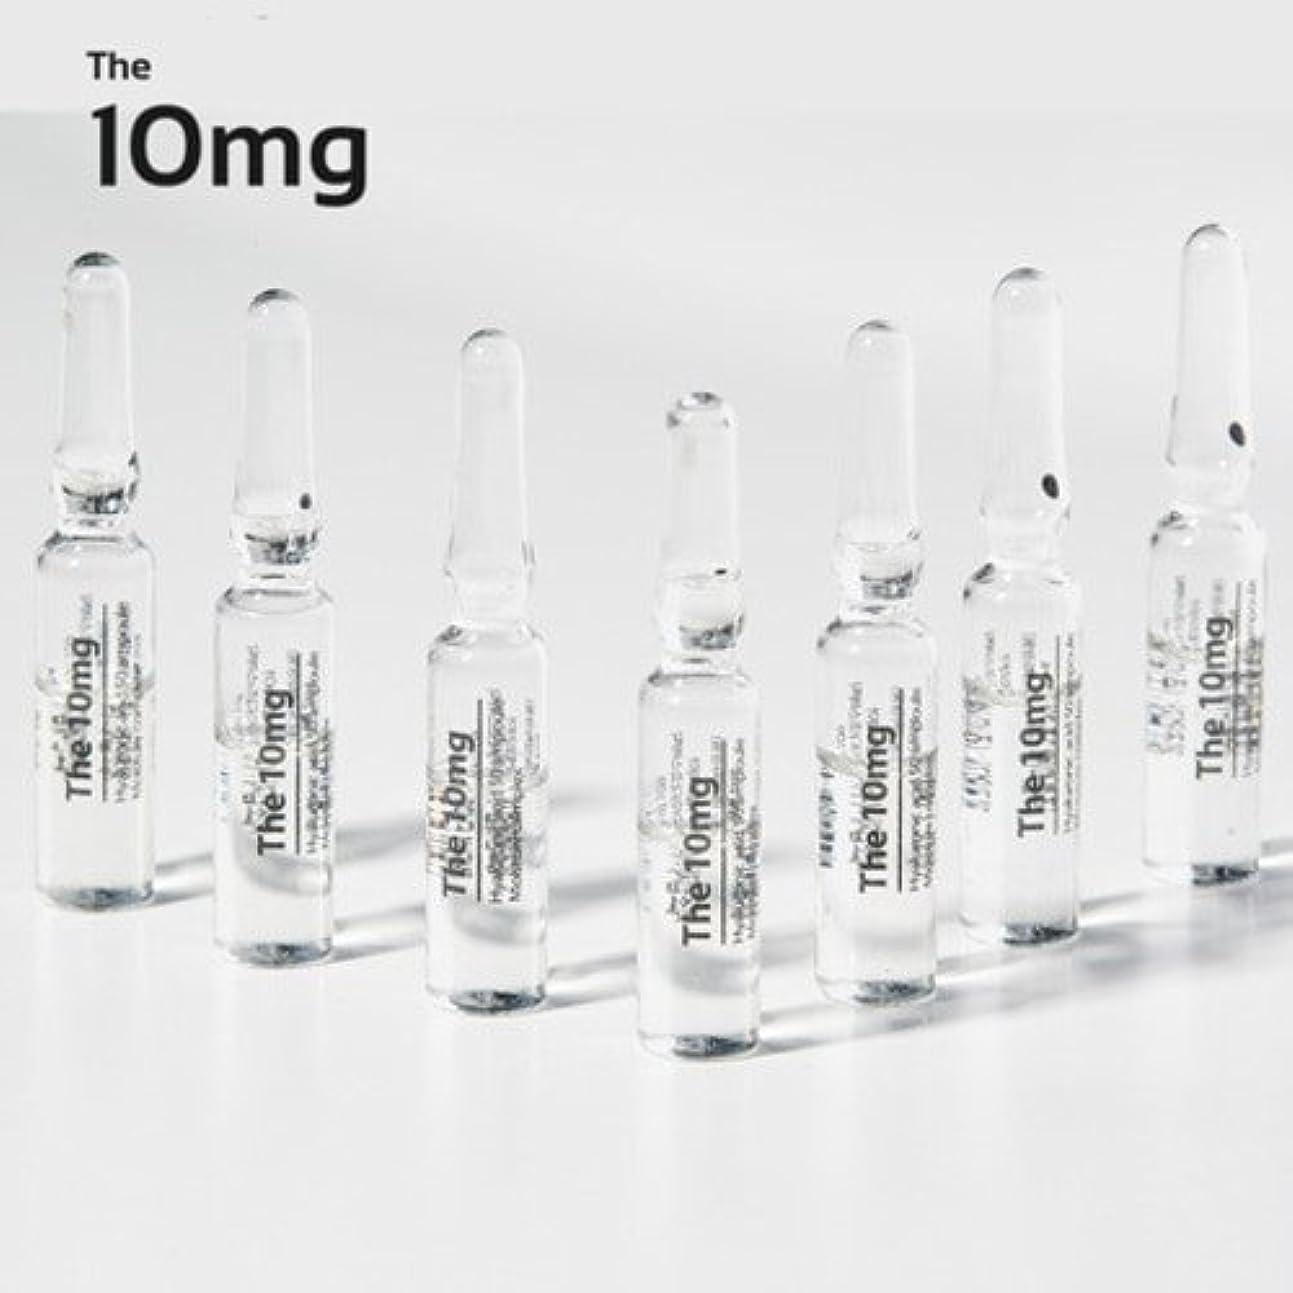 田舎者幻滅する不明瞭aida Cosmetic The 10mg Hyaluronic Acid 50 Ampoule 2ml × 10ea/アイダ コスメティック The 10mg ヒアルロン酸 50 アンプル 2ml × 10個 [並行輸入品]